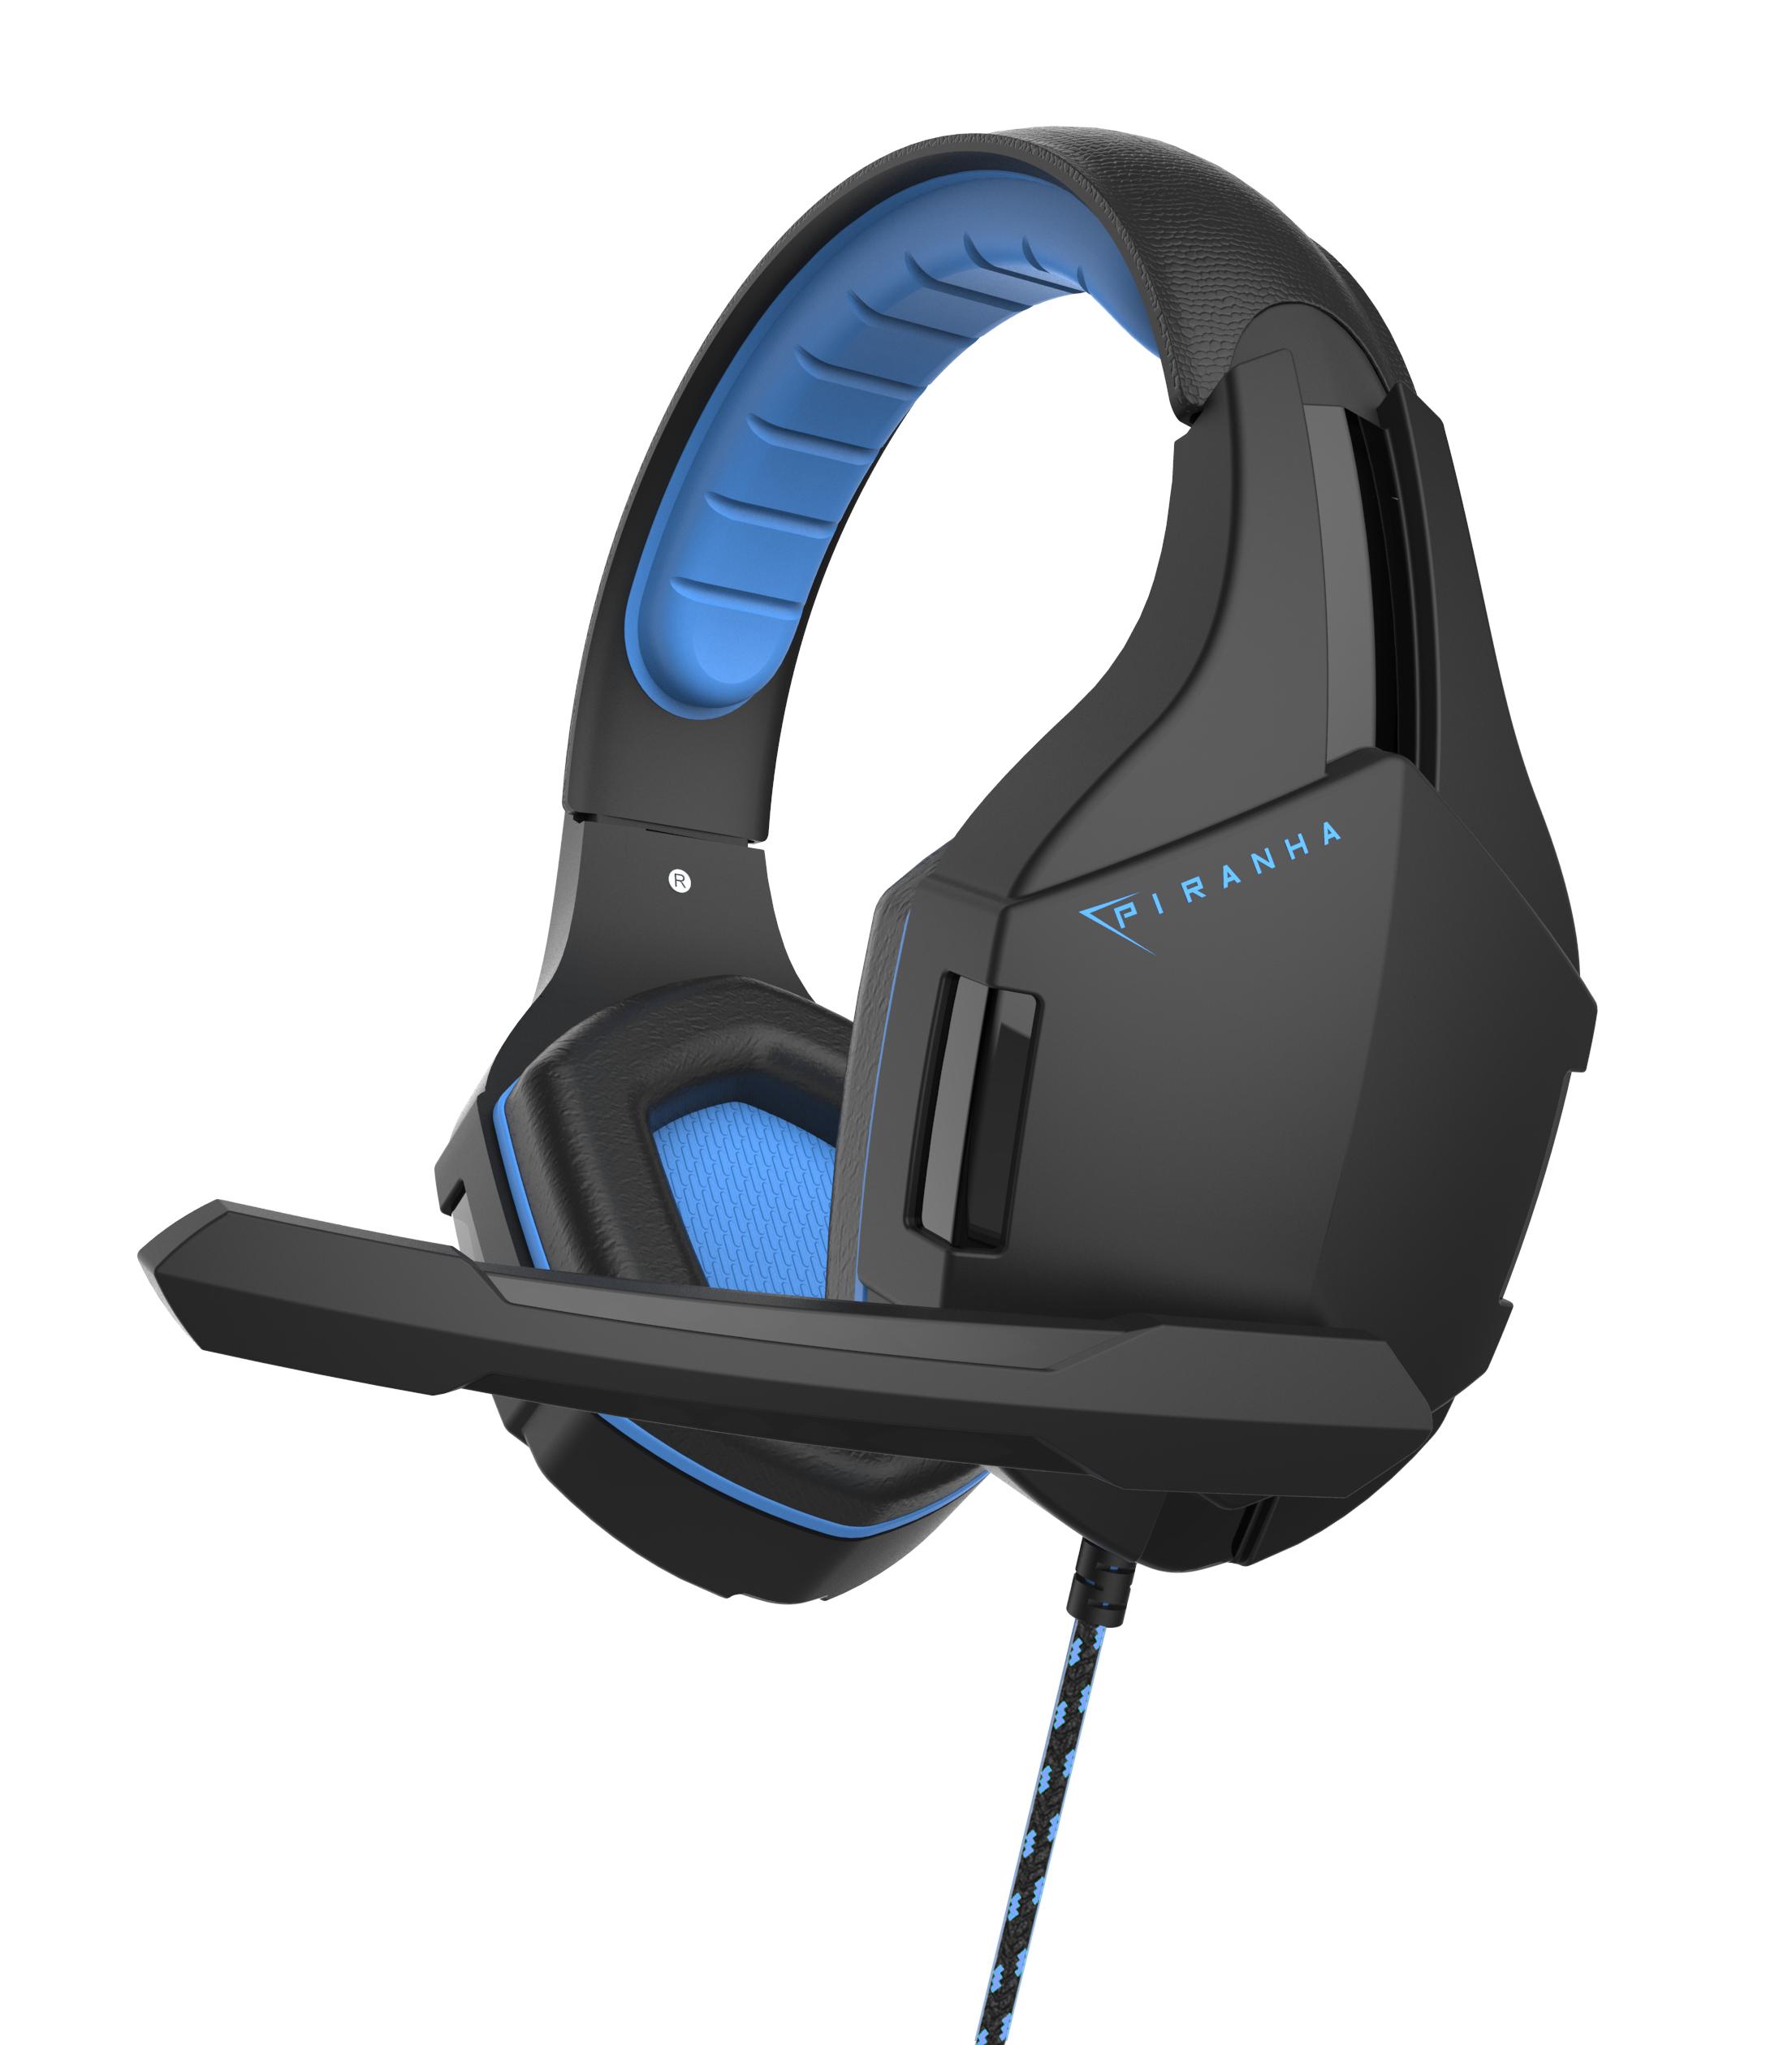 Piranha HP25 - Gaming Headset